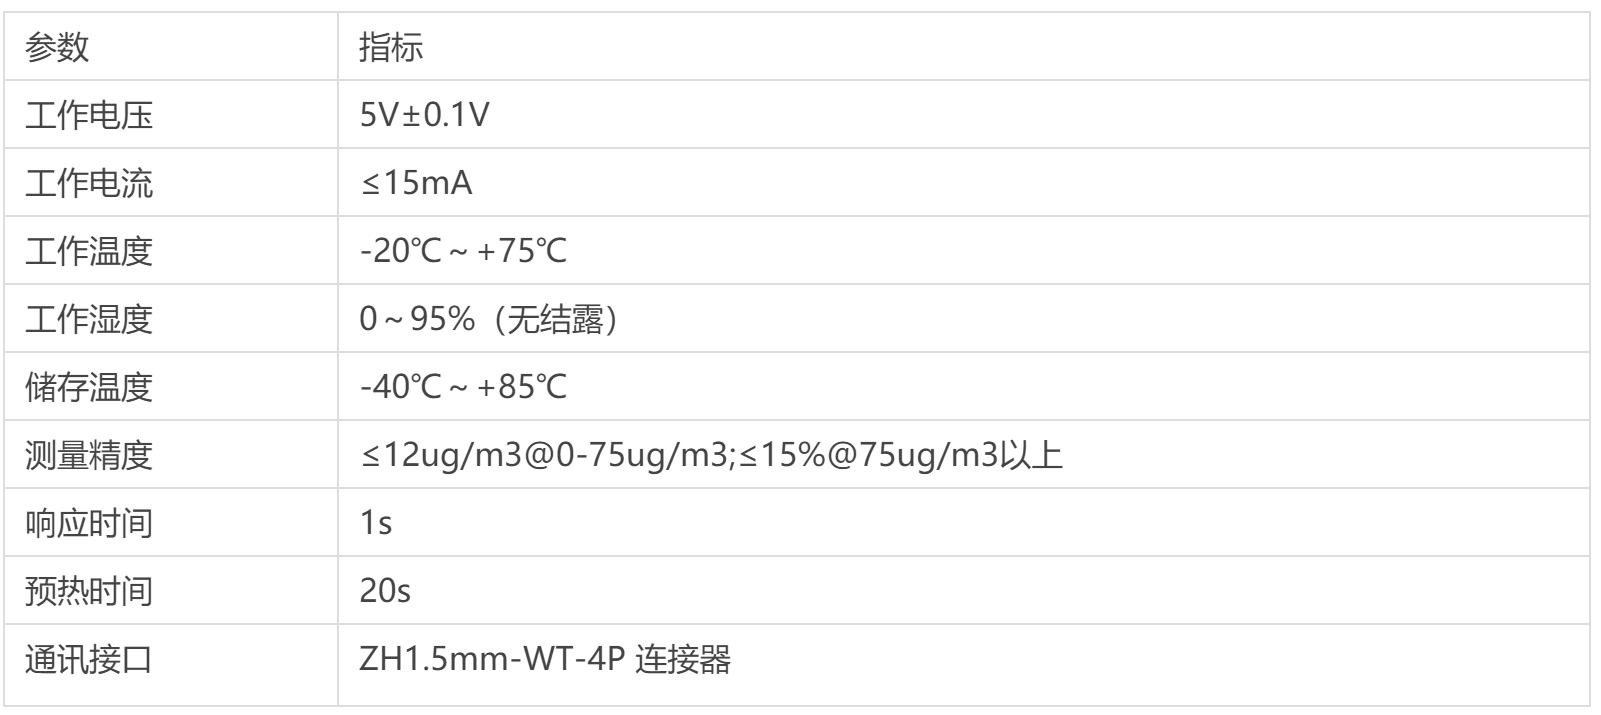 TOMOHO日本友穗红外粉尘传感器DSHA01-C-N-A